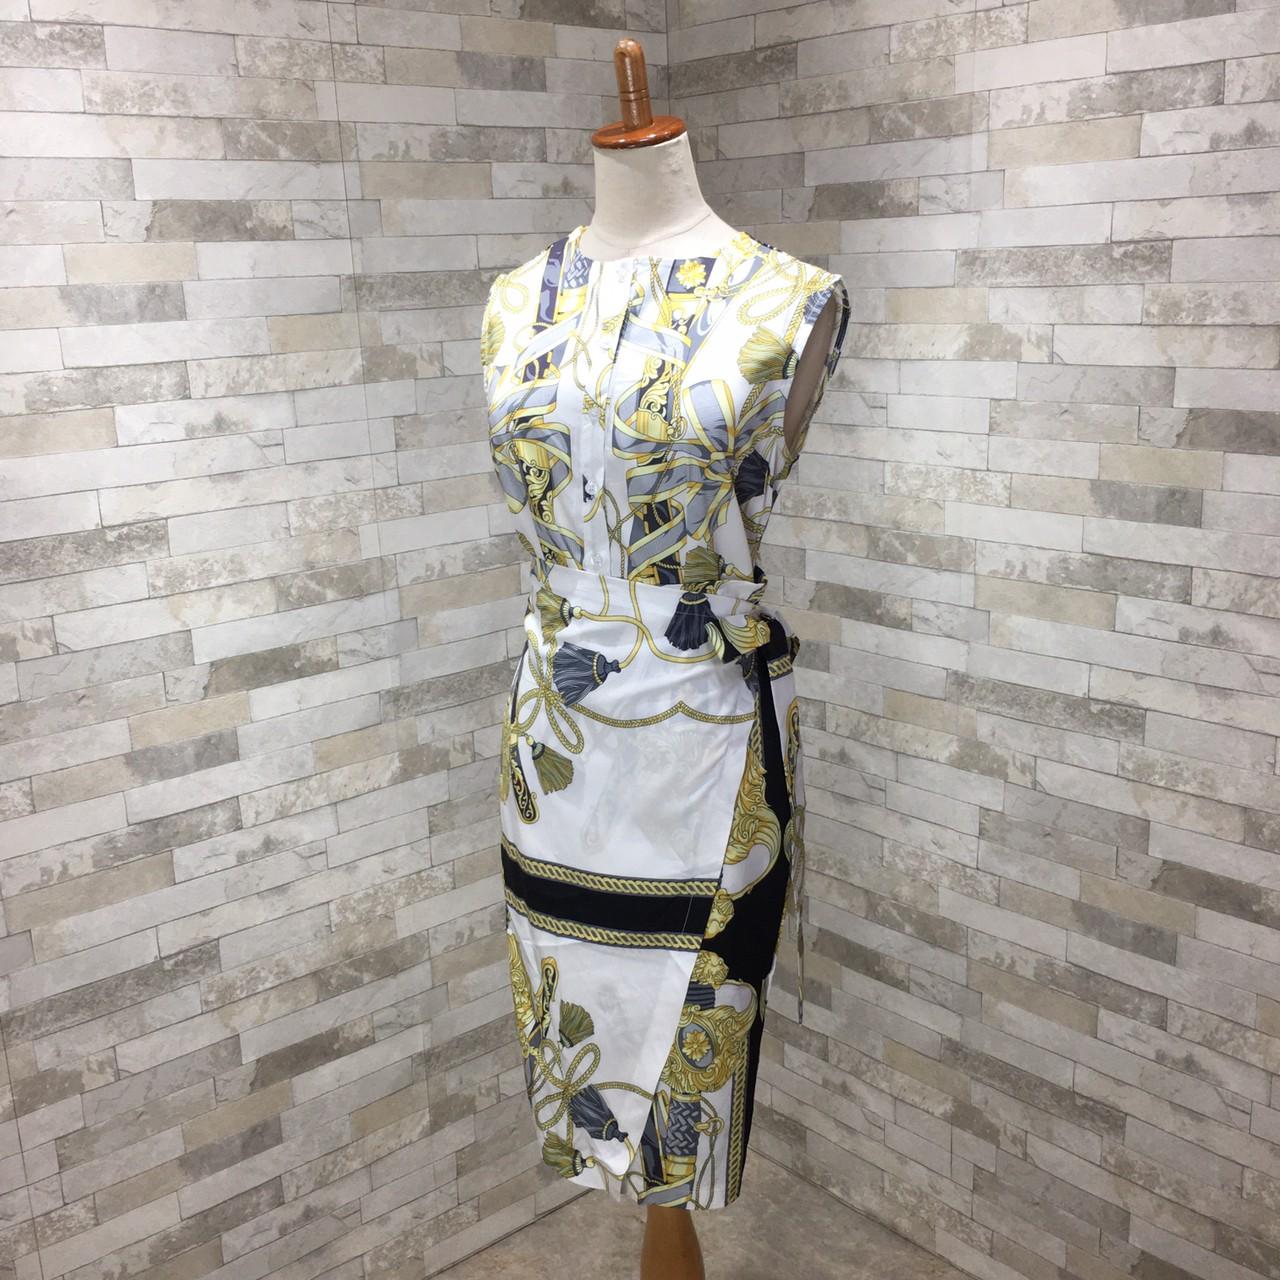 【即納】韓国 ファッション ワンピース パーティードレス ひざ丈 ミディアム 夏 春 パーティー ブライダル SPTXB517 結婚式 お呼ばれ ゴージャス レトロ スカーフ 二次会 セレブ きれいめの写真16枚目